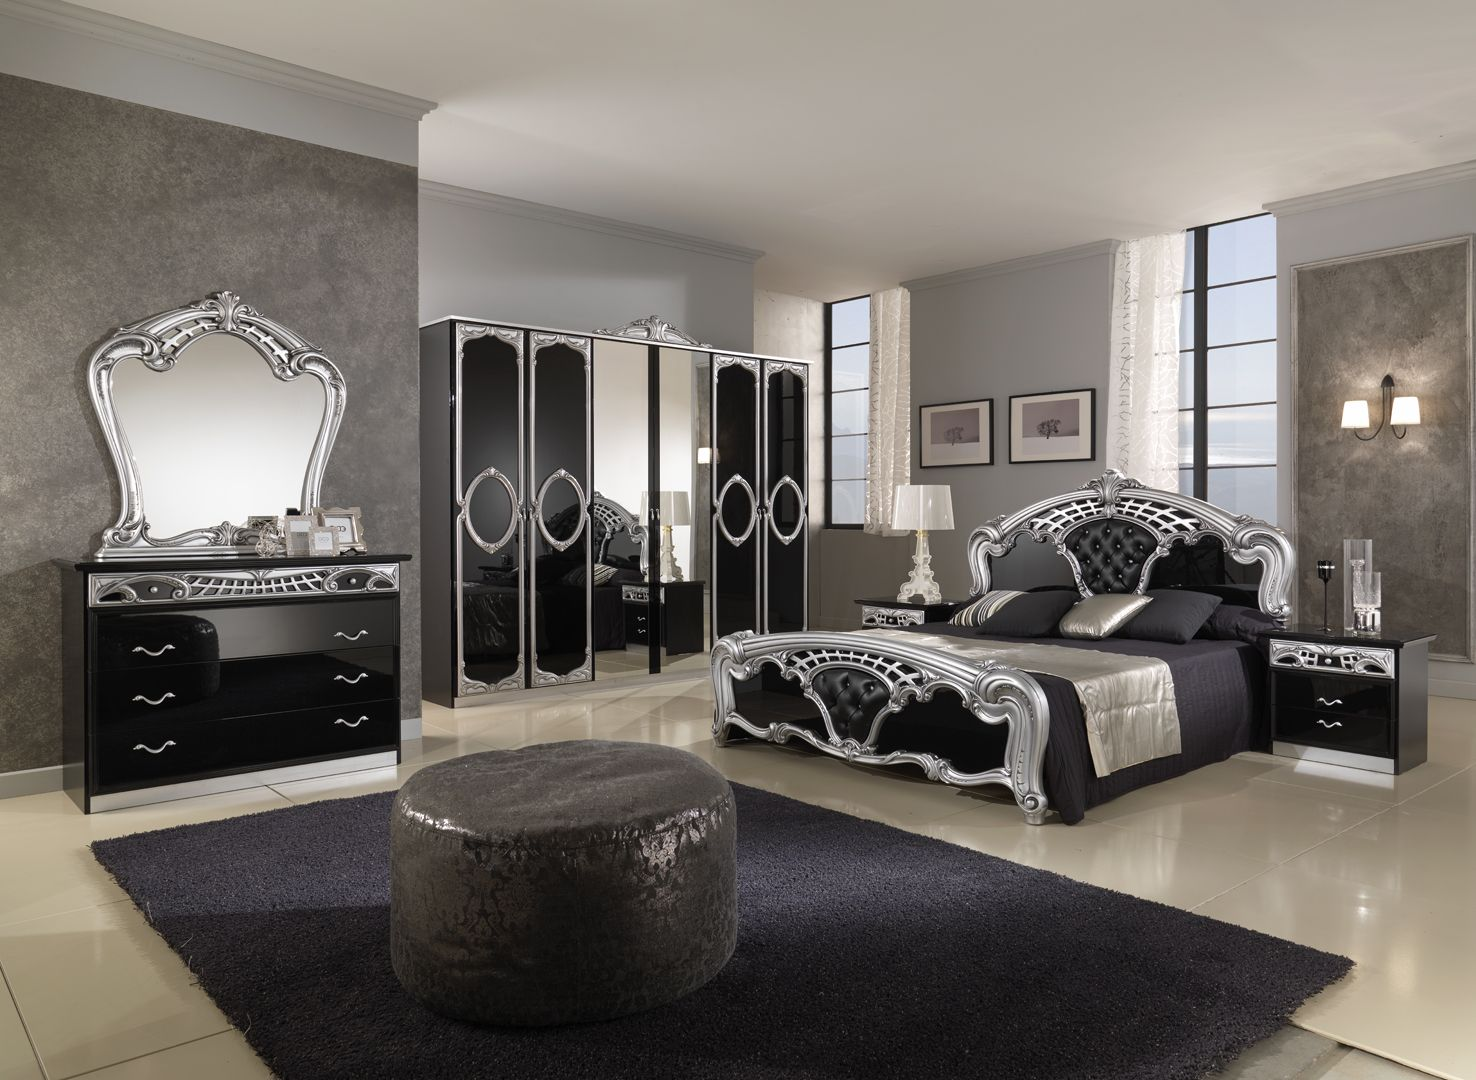 Metropolitan Contemporary Bedroom Furniture Collection Metropolitan Contemporary